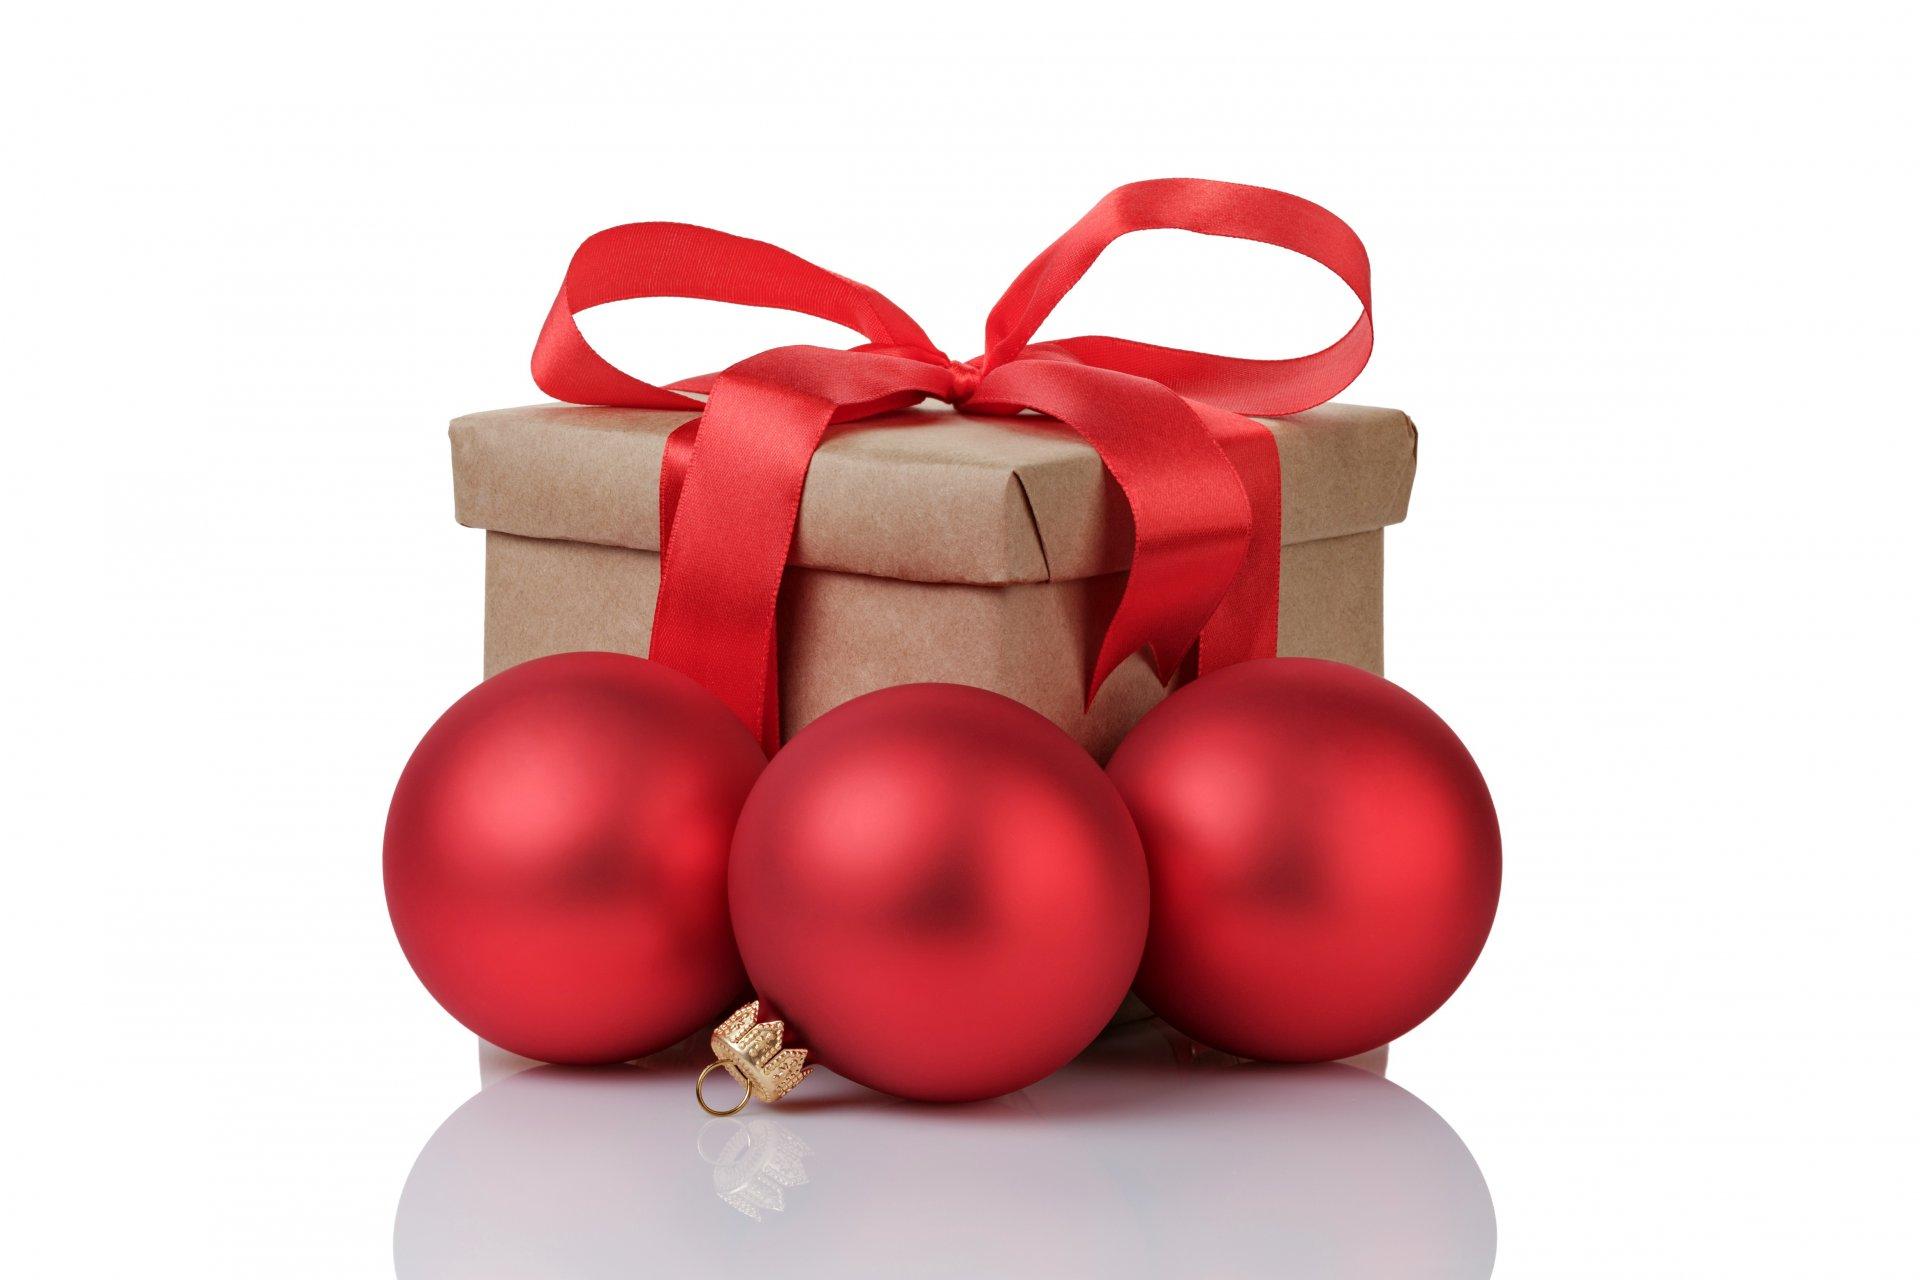 картинки новогодних шаров и подарков ведь